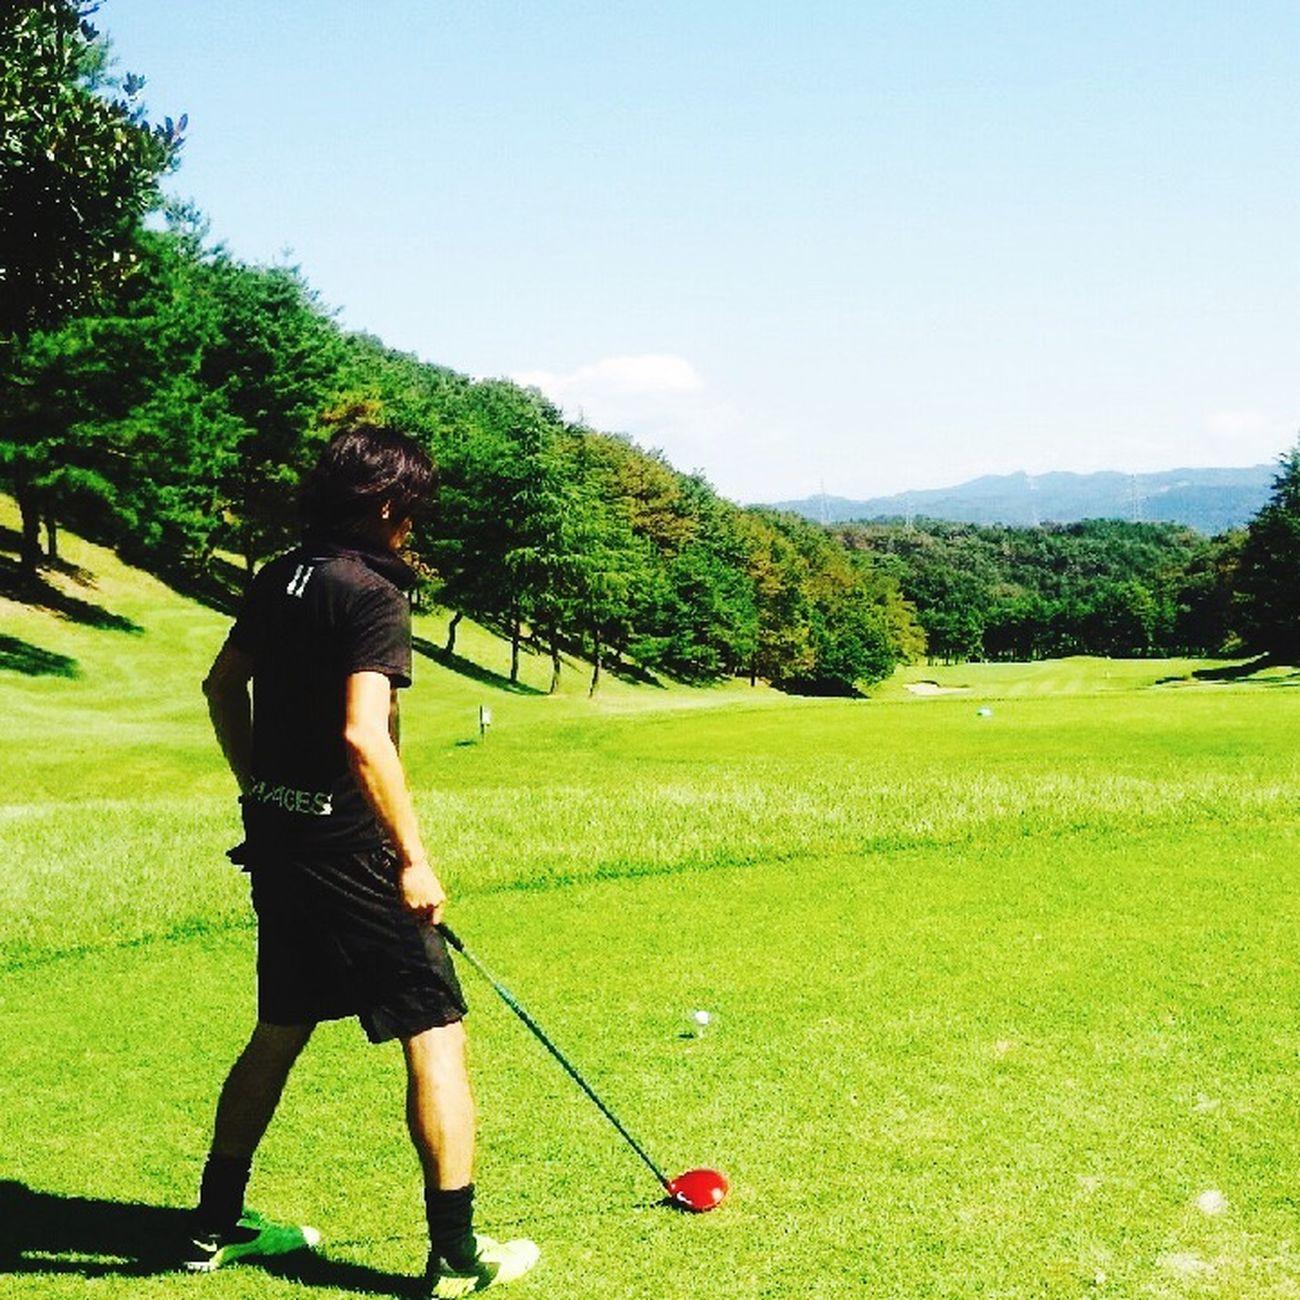 わたくし。ゴルフチームのキャプテンだったりして。😊 風月cc 栃木県 Golf 2015  仲間